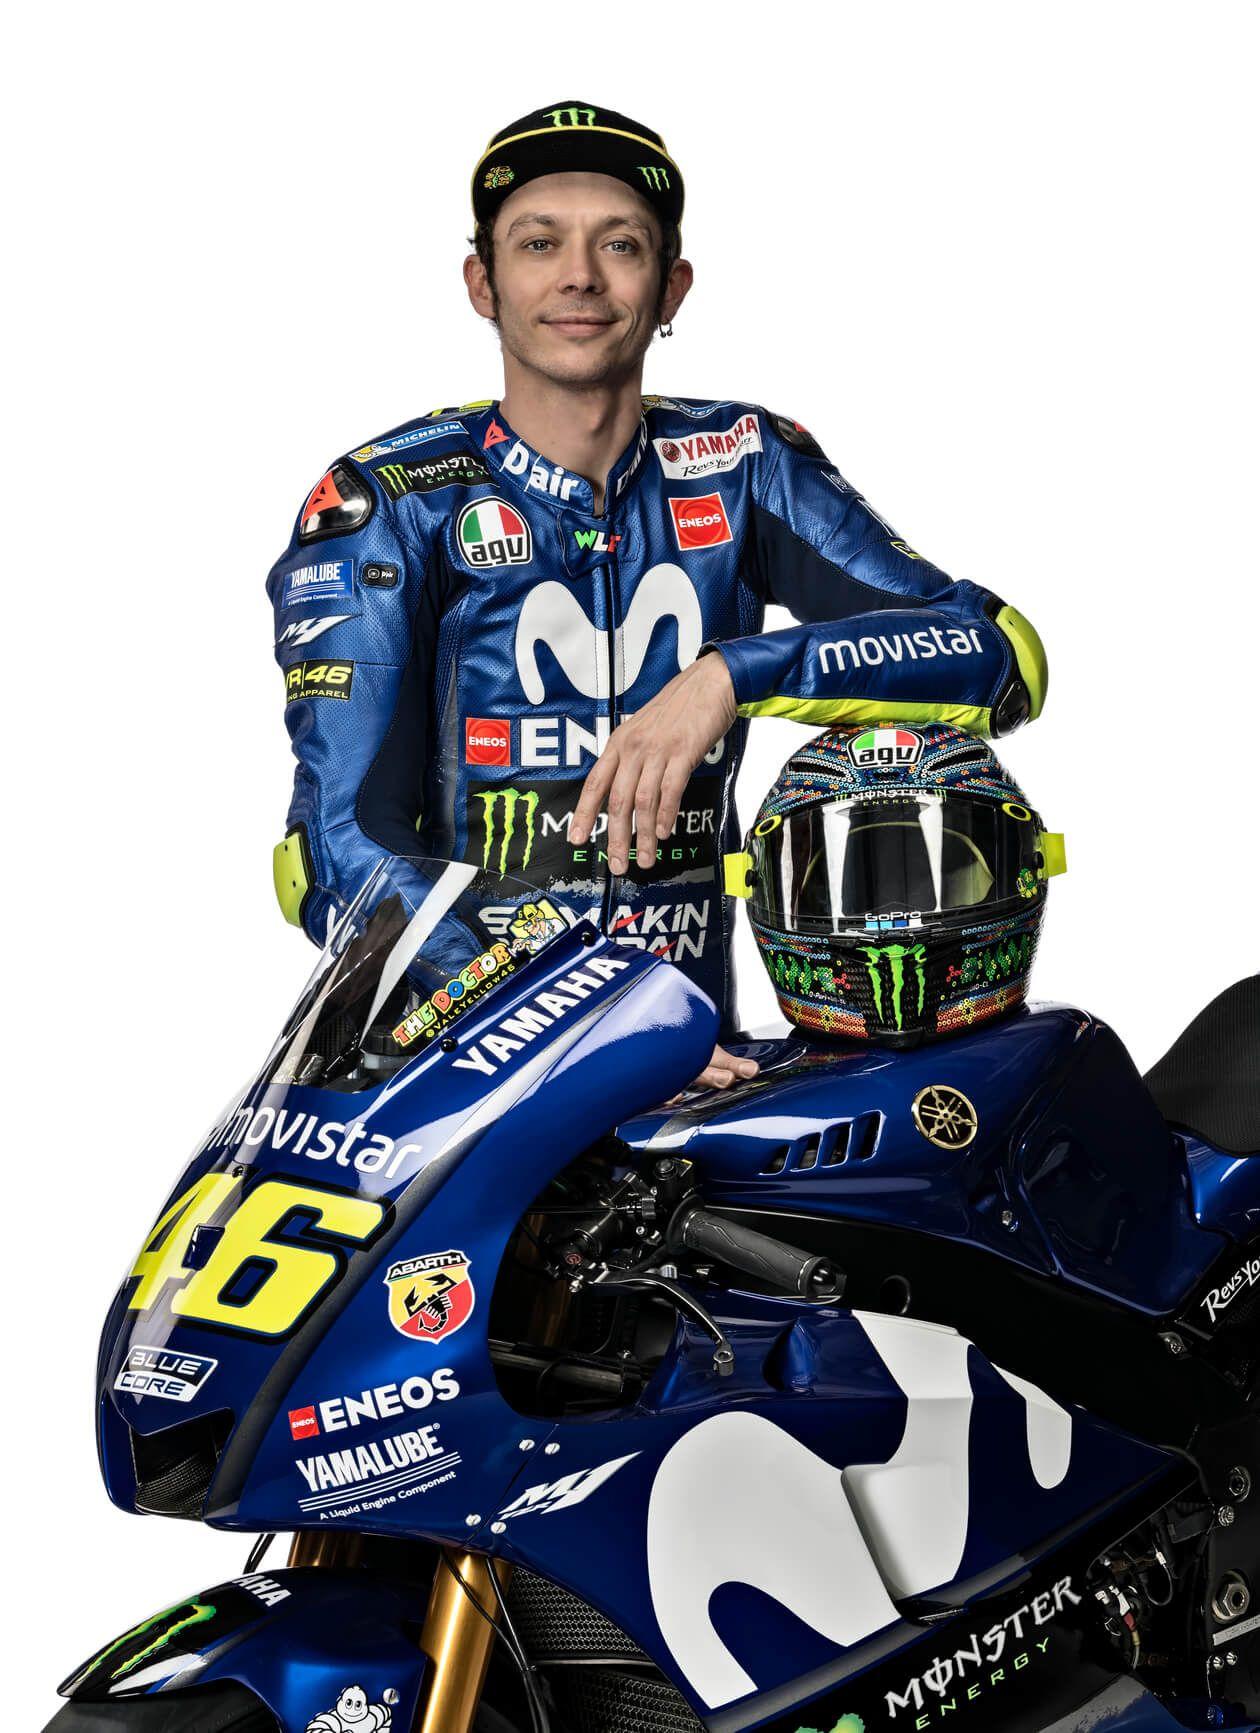 Valentino Rossi 46 おしゃれまとめの人気アイデア Pinterest Myerz Corser バレンティーノロッシ バレンティーノ ドゥカティ